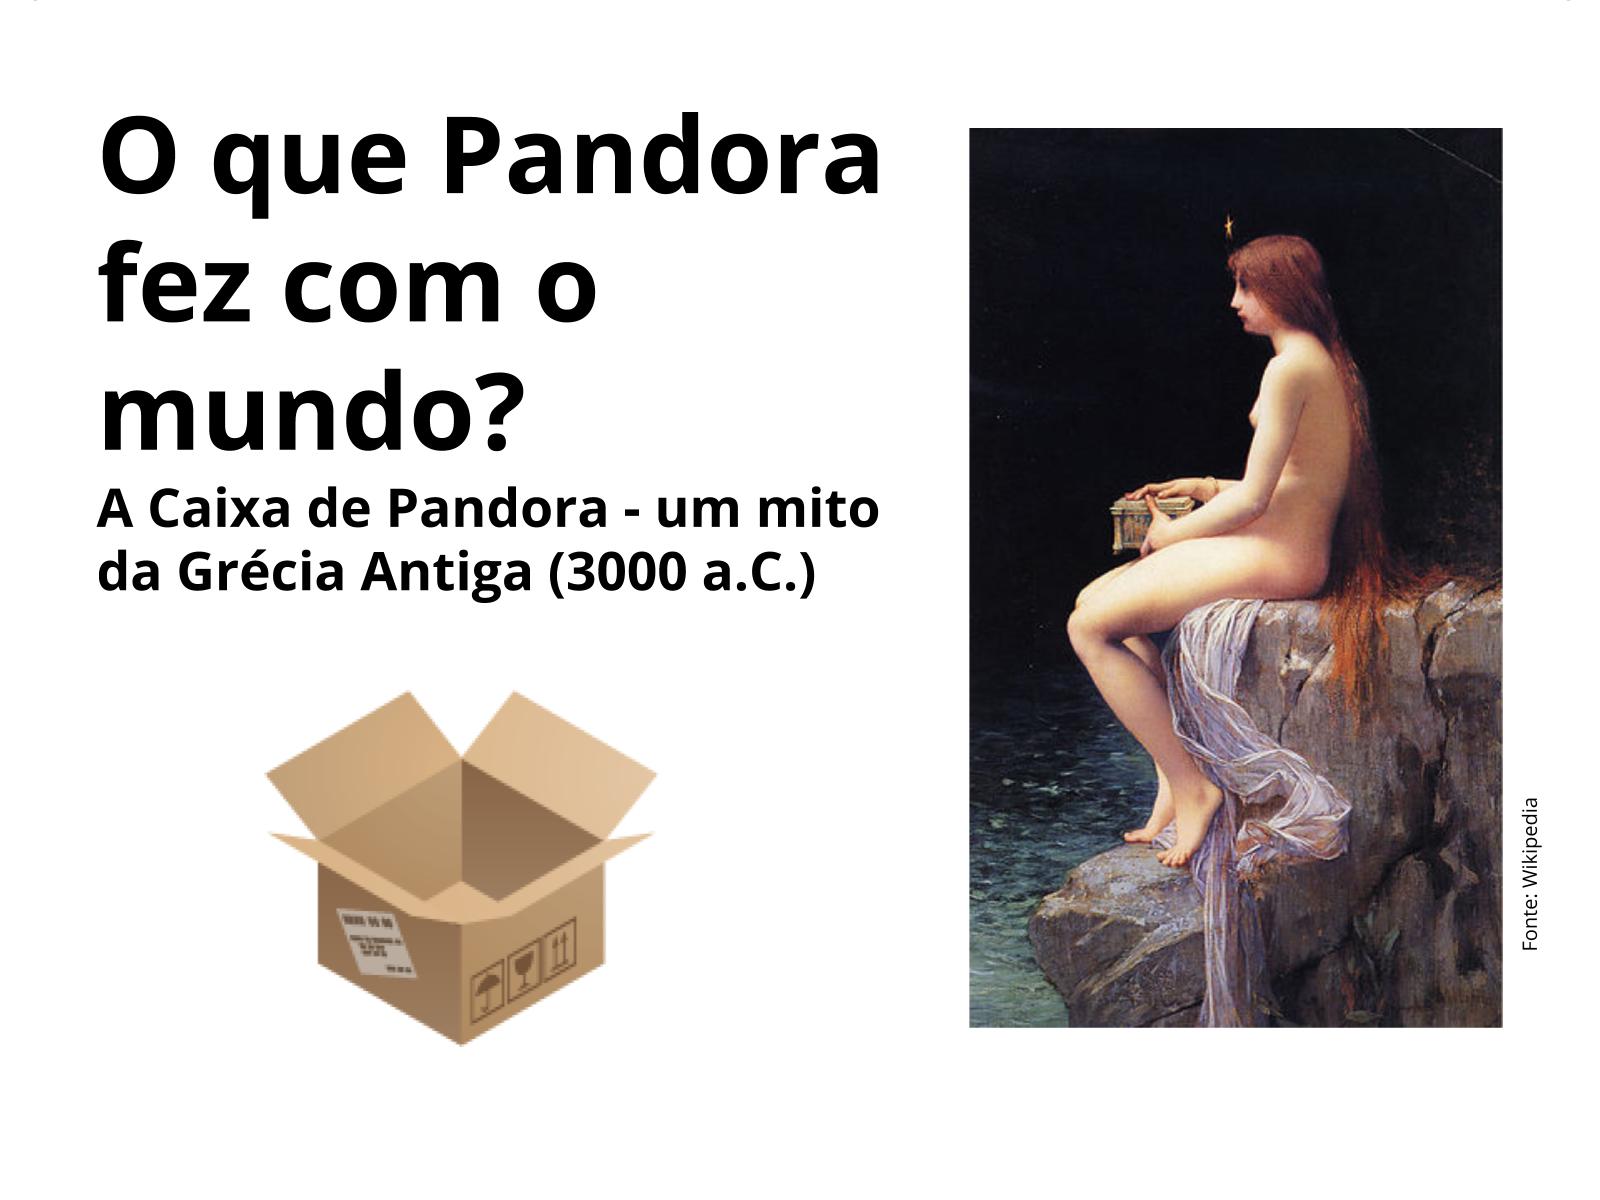 A caixa de Pandora: A religião e os males do mundo